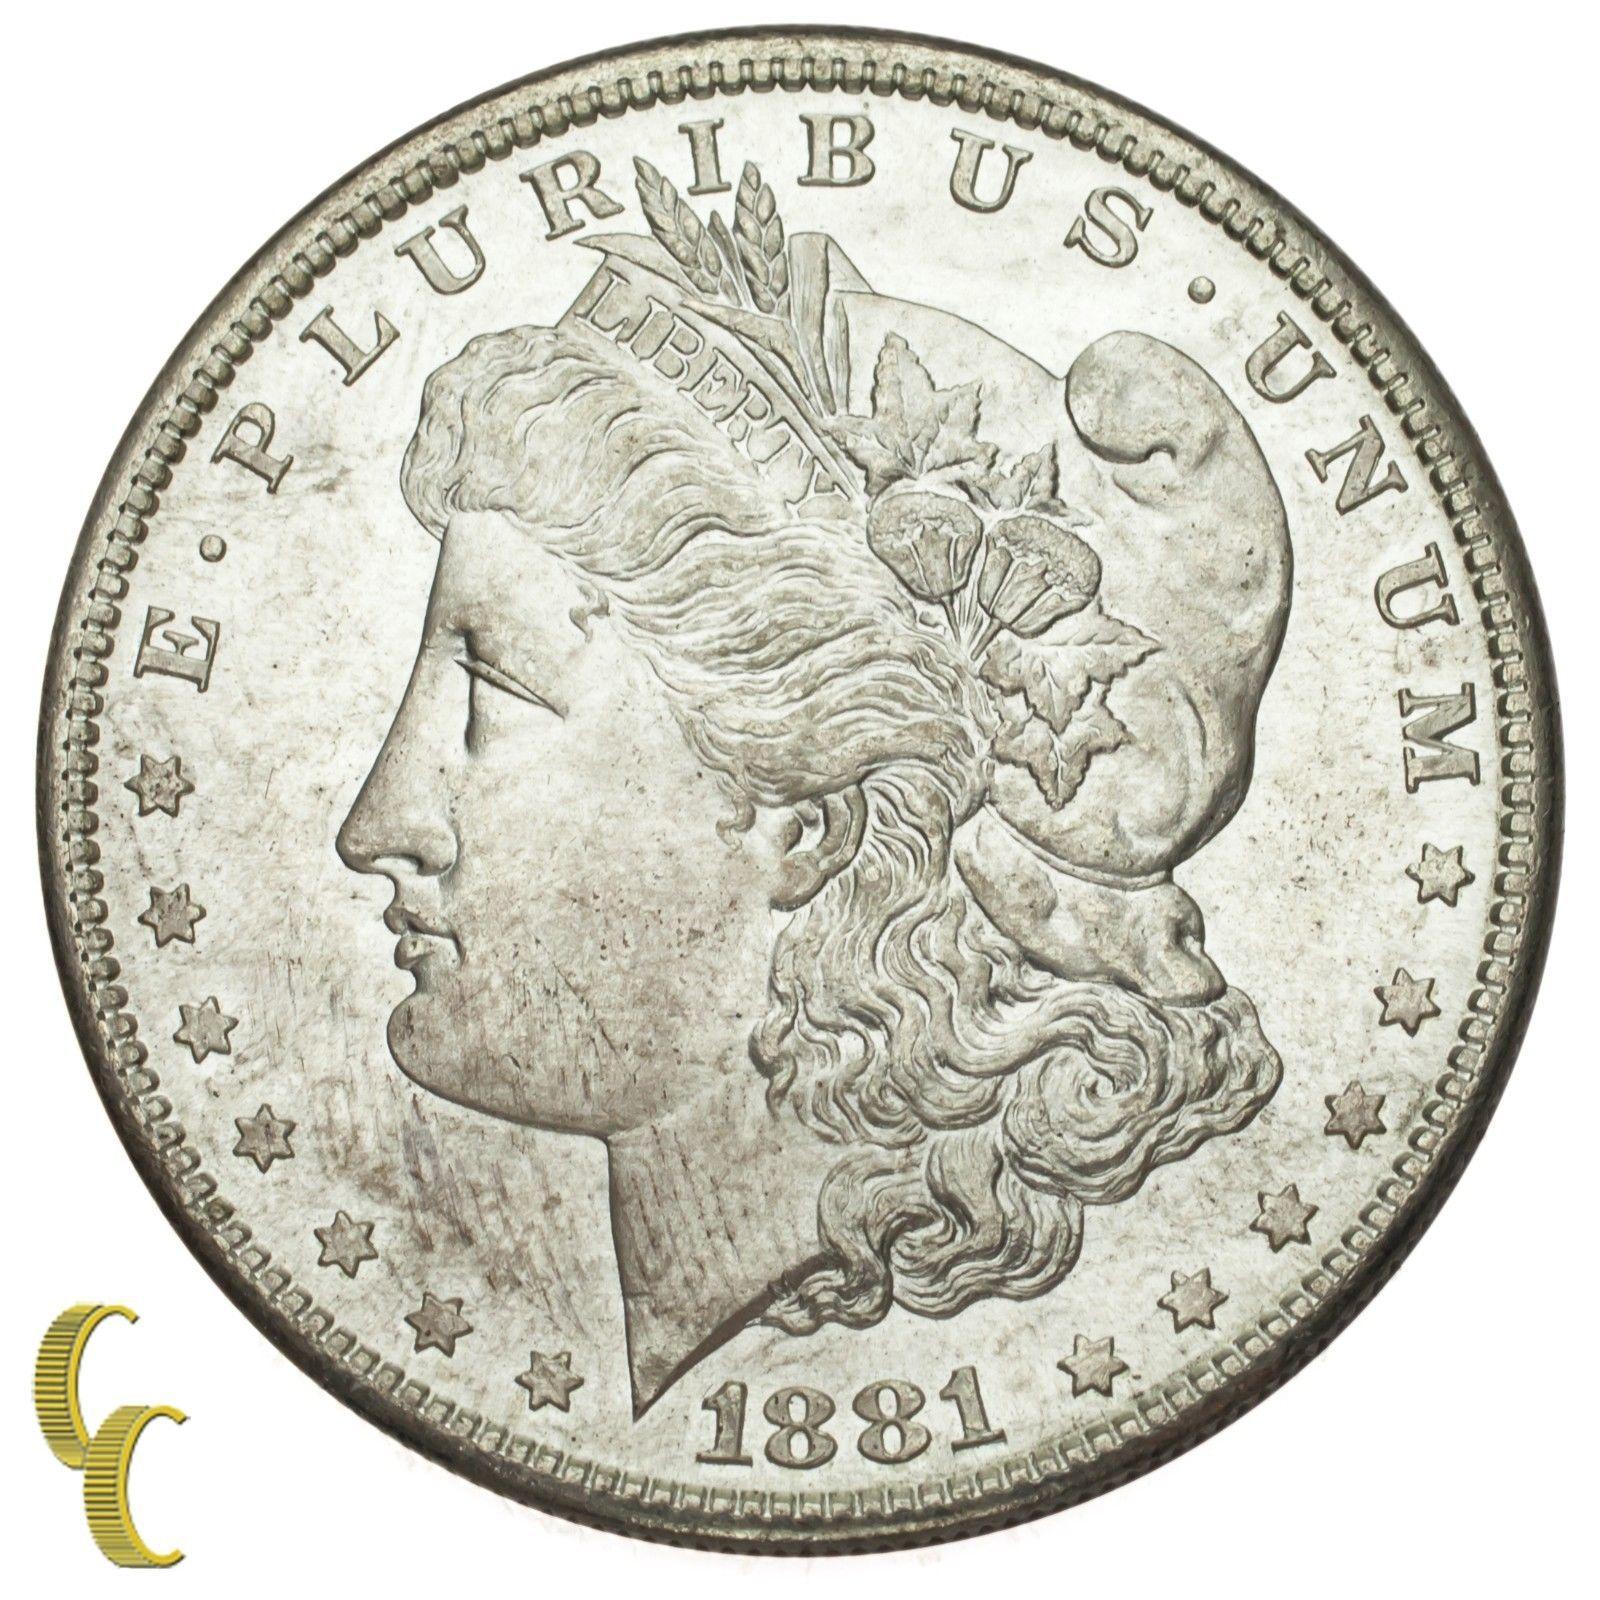 1881-S Silver Morgan Dollar $1 (Gem BU Condition) Terrific Eye Appeal